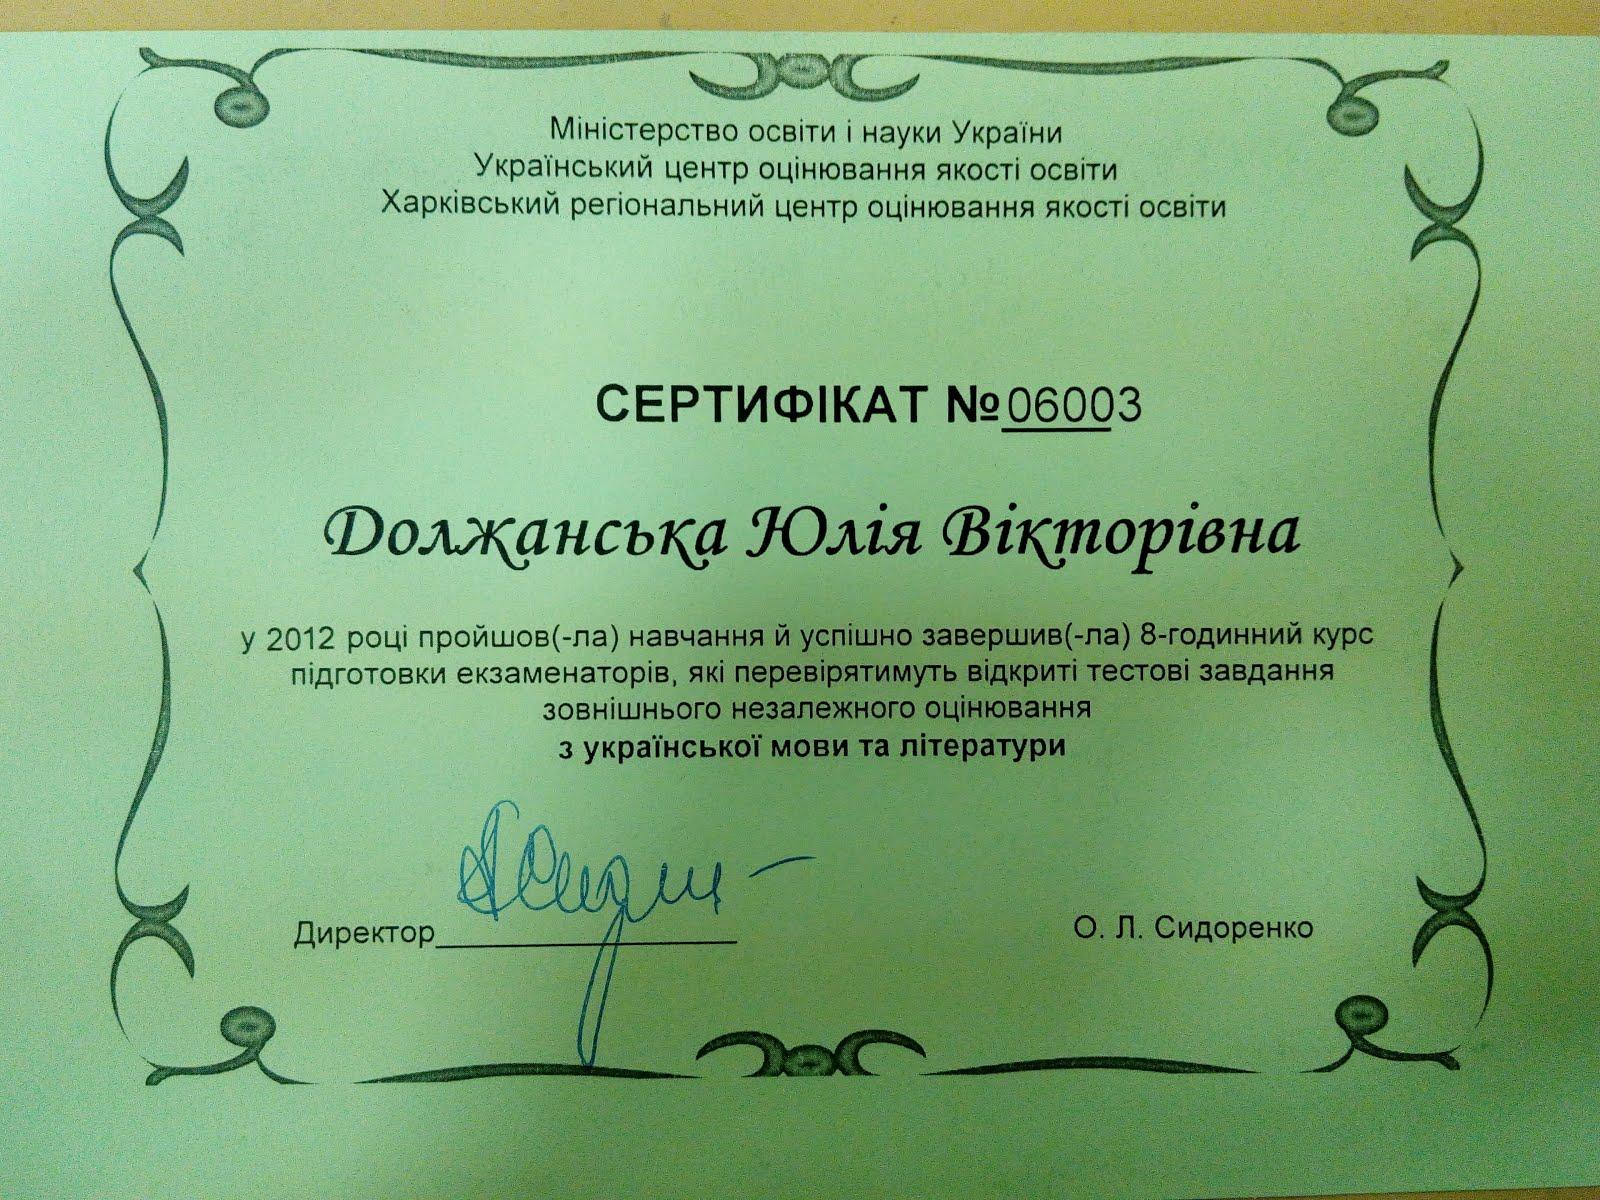 Сертифікат екзаменатора відкритої частини ЗНО з української мови та літератури